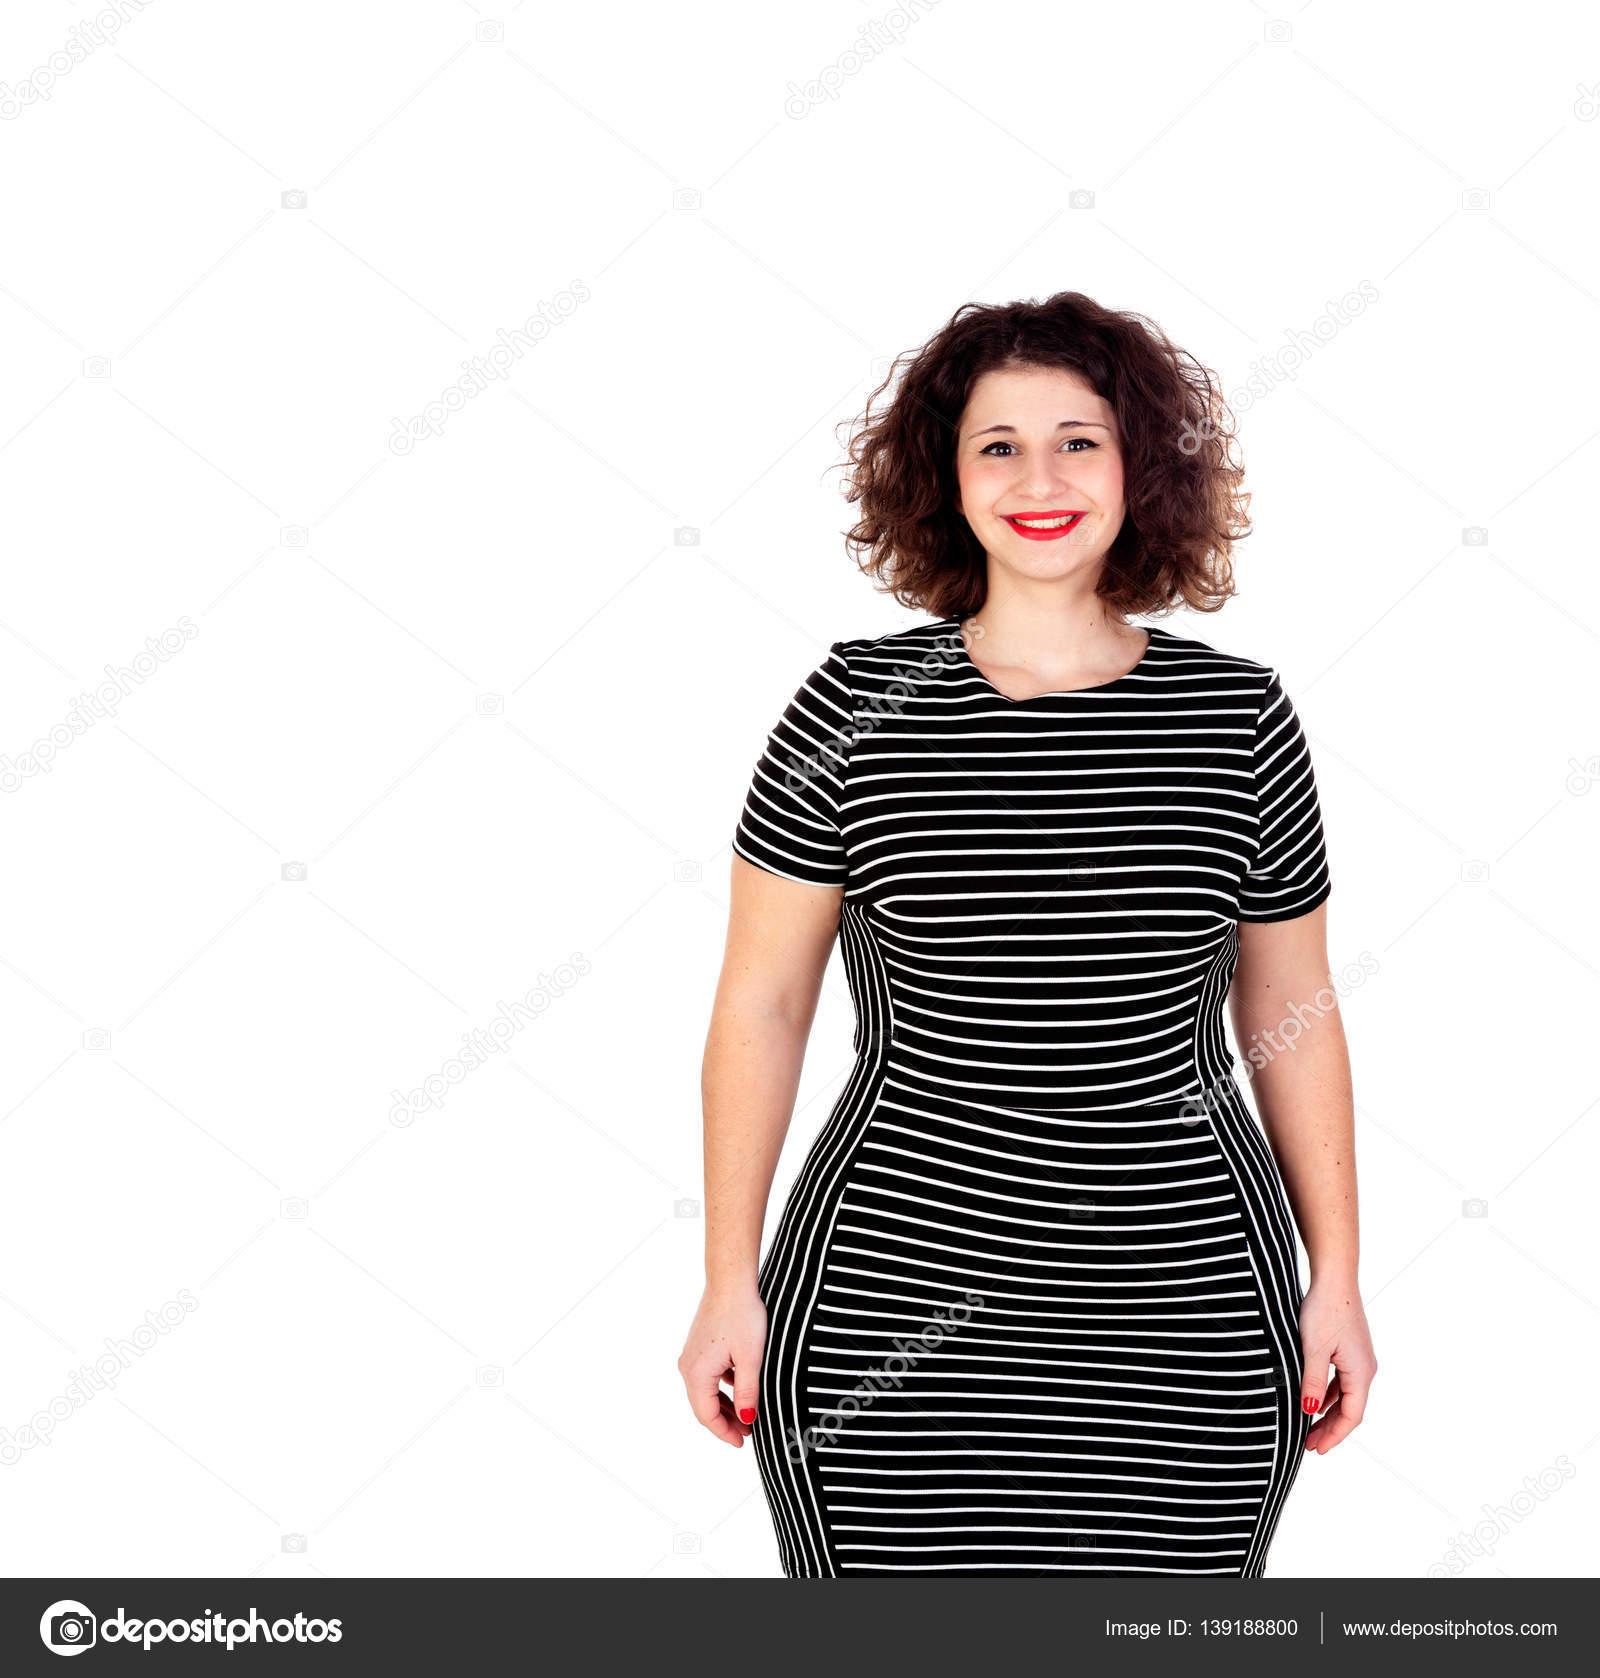 2ed805ed8a8c53 Красива дівчина пишні з Чорне плаття і червоні губи, ізольовані на білому  тлі — Фото від Gelpi